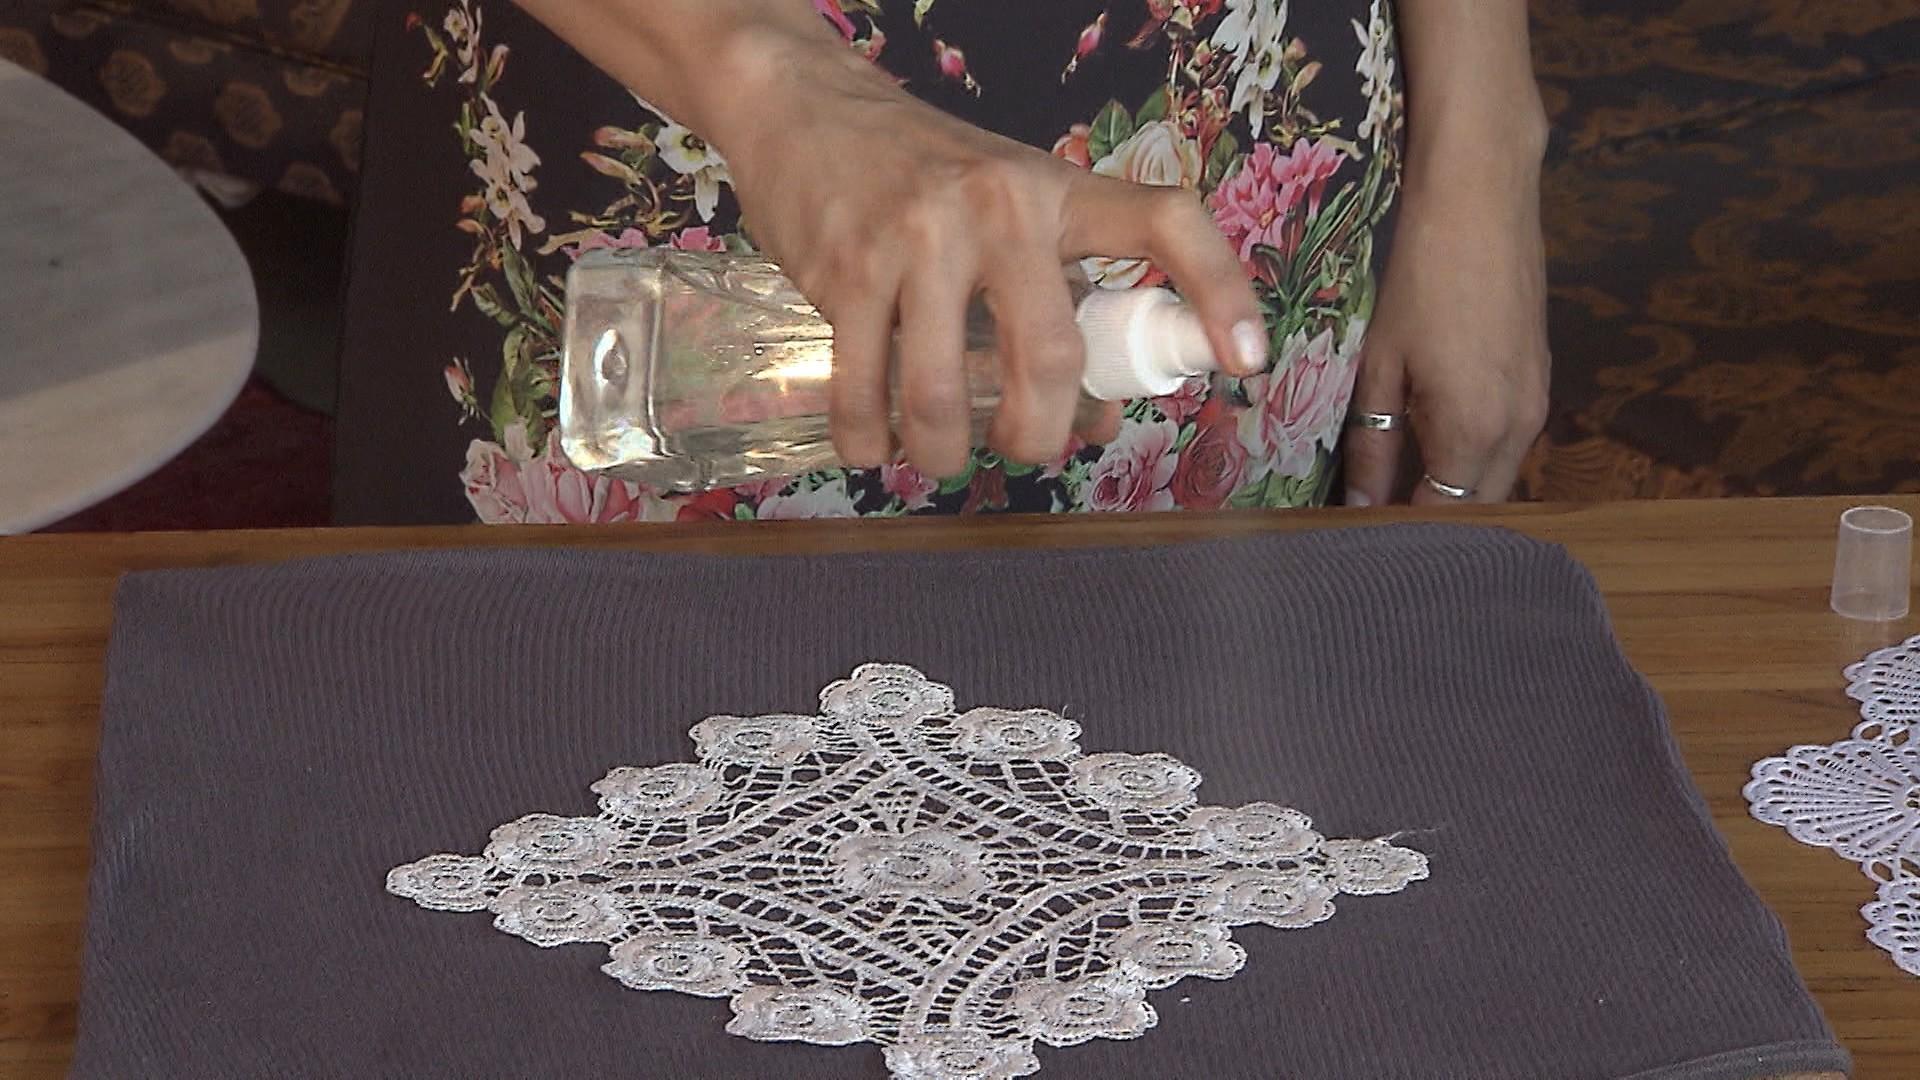 Blusa simples ganha estampa com técnica de descoloração (Foto: Divulgação)